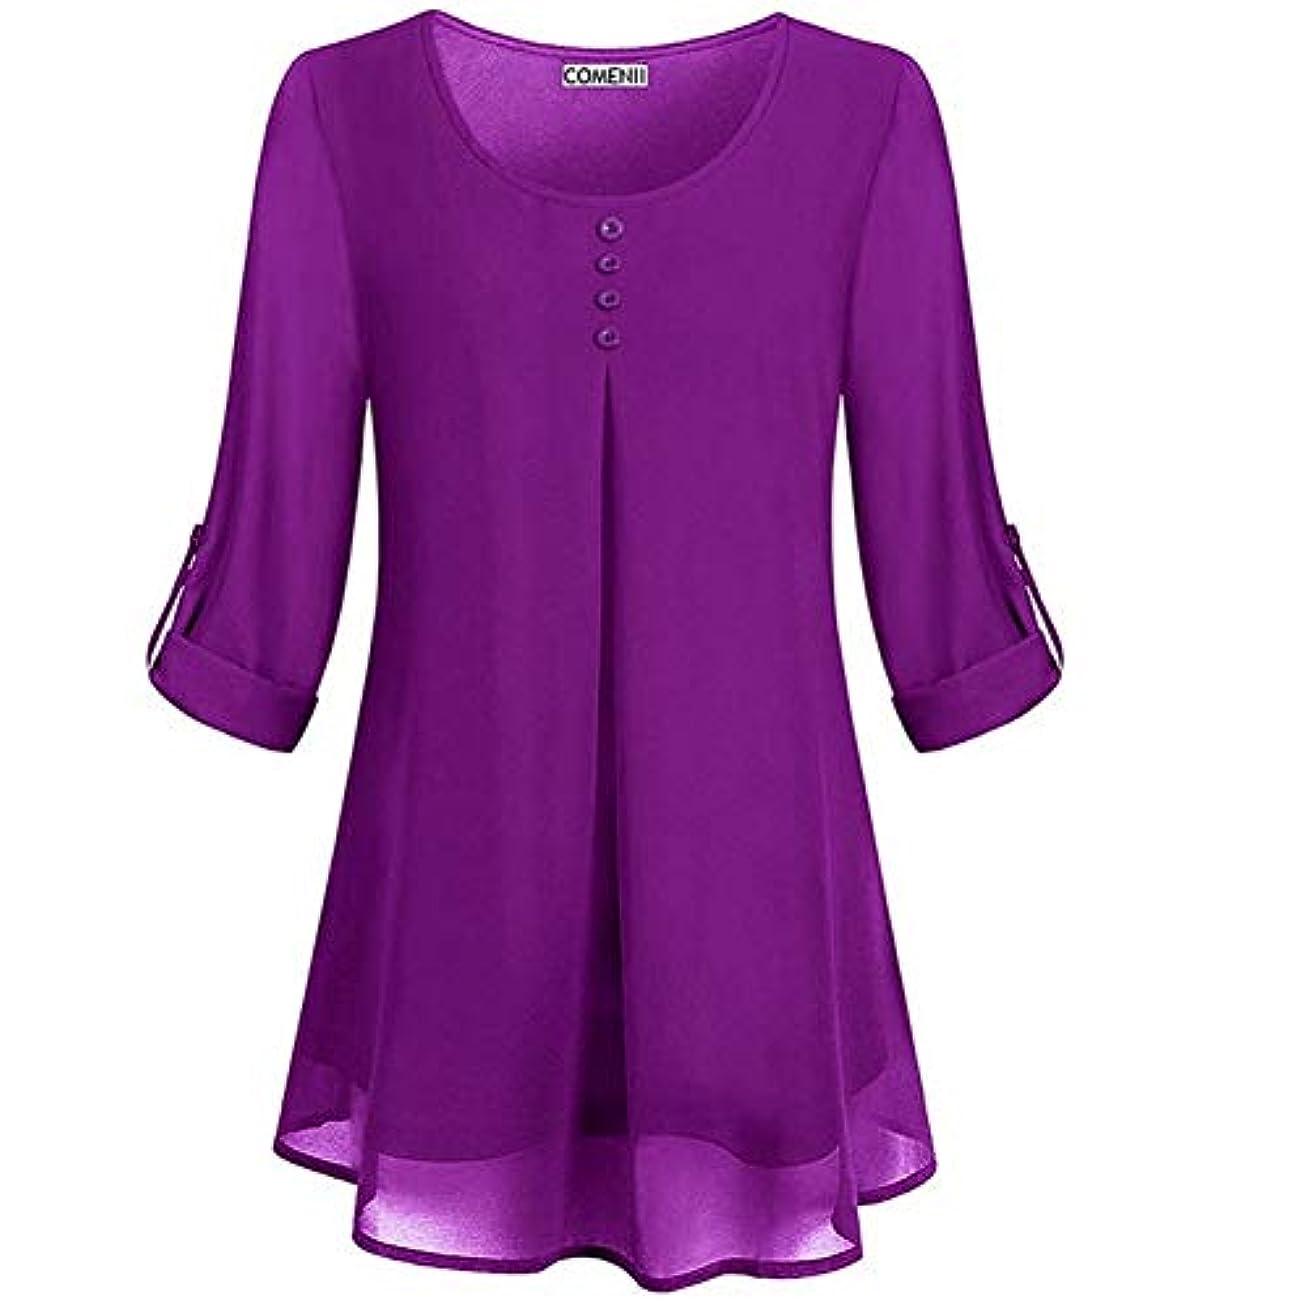 重荷カナダ降伏MIFAN の女性のドレスカジュアルな不規則なドレスルースサマービーチTシャツドレス